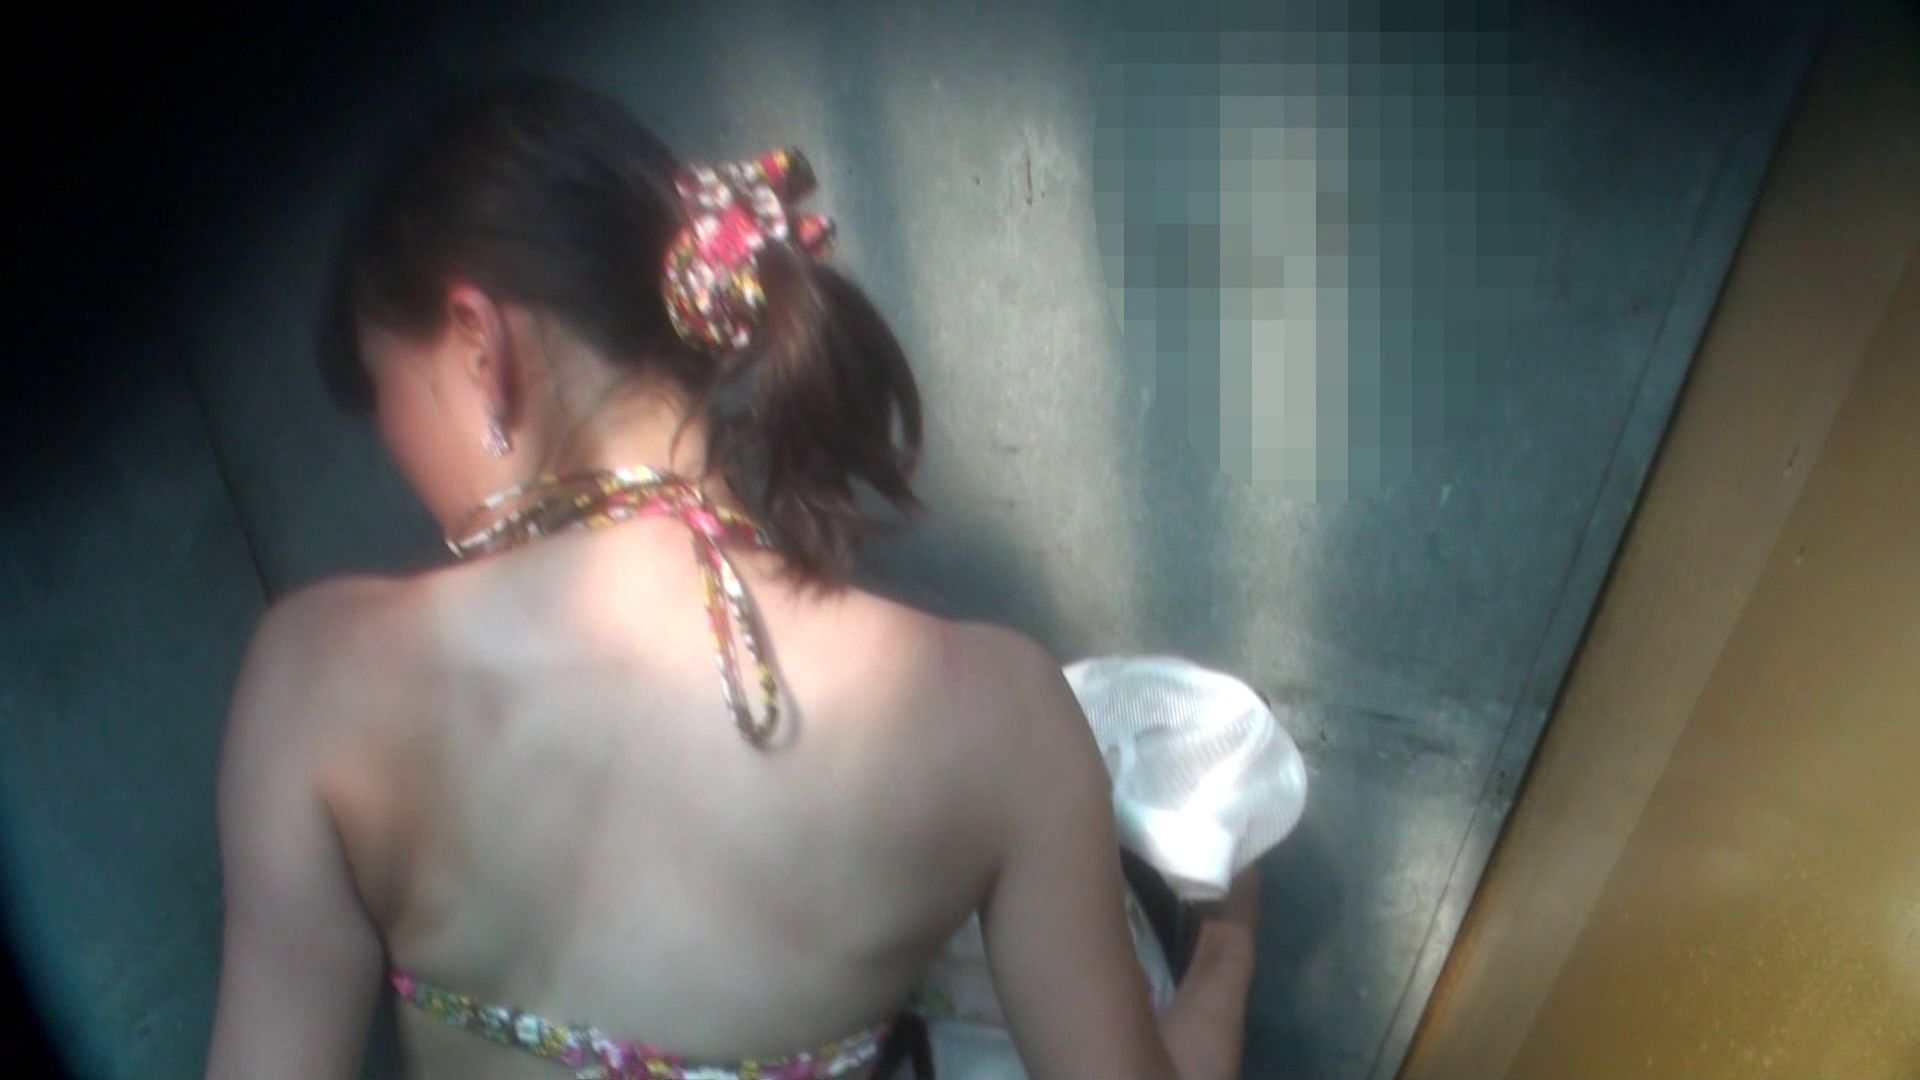 シャワールームは超!!危険な香りVol.16 意外に乳首は年増のそれ 高画質モード セックス画像 105画像 19